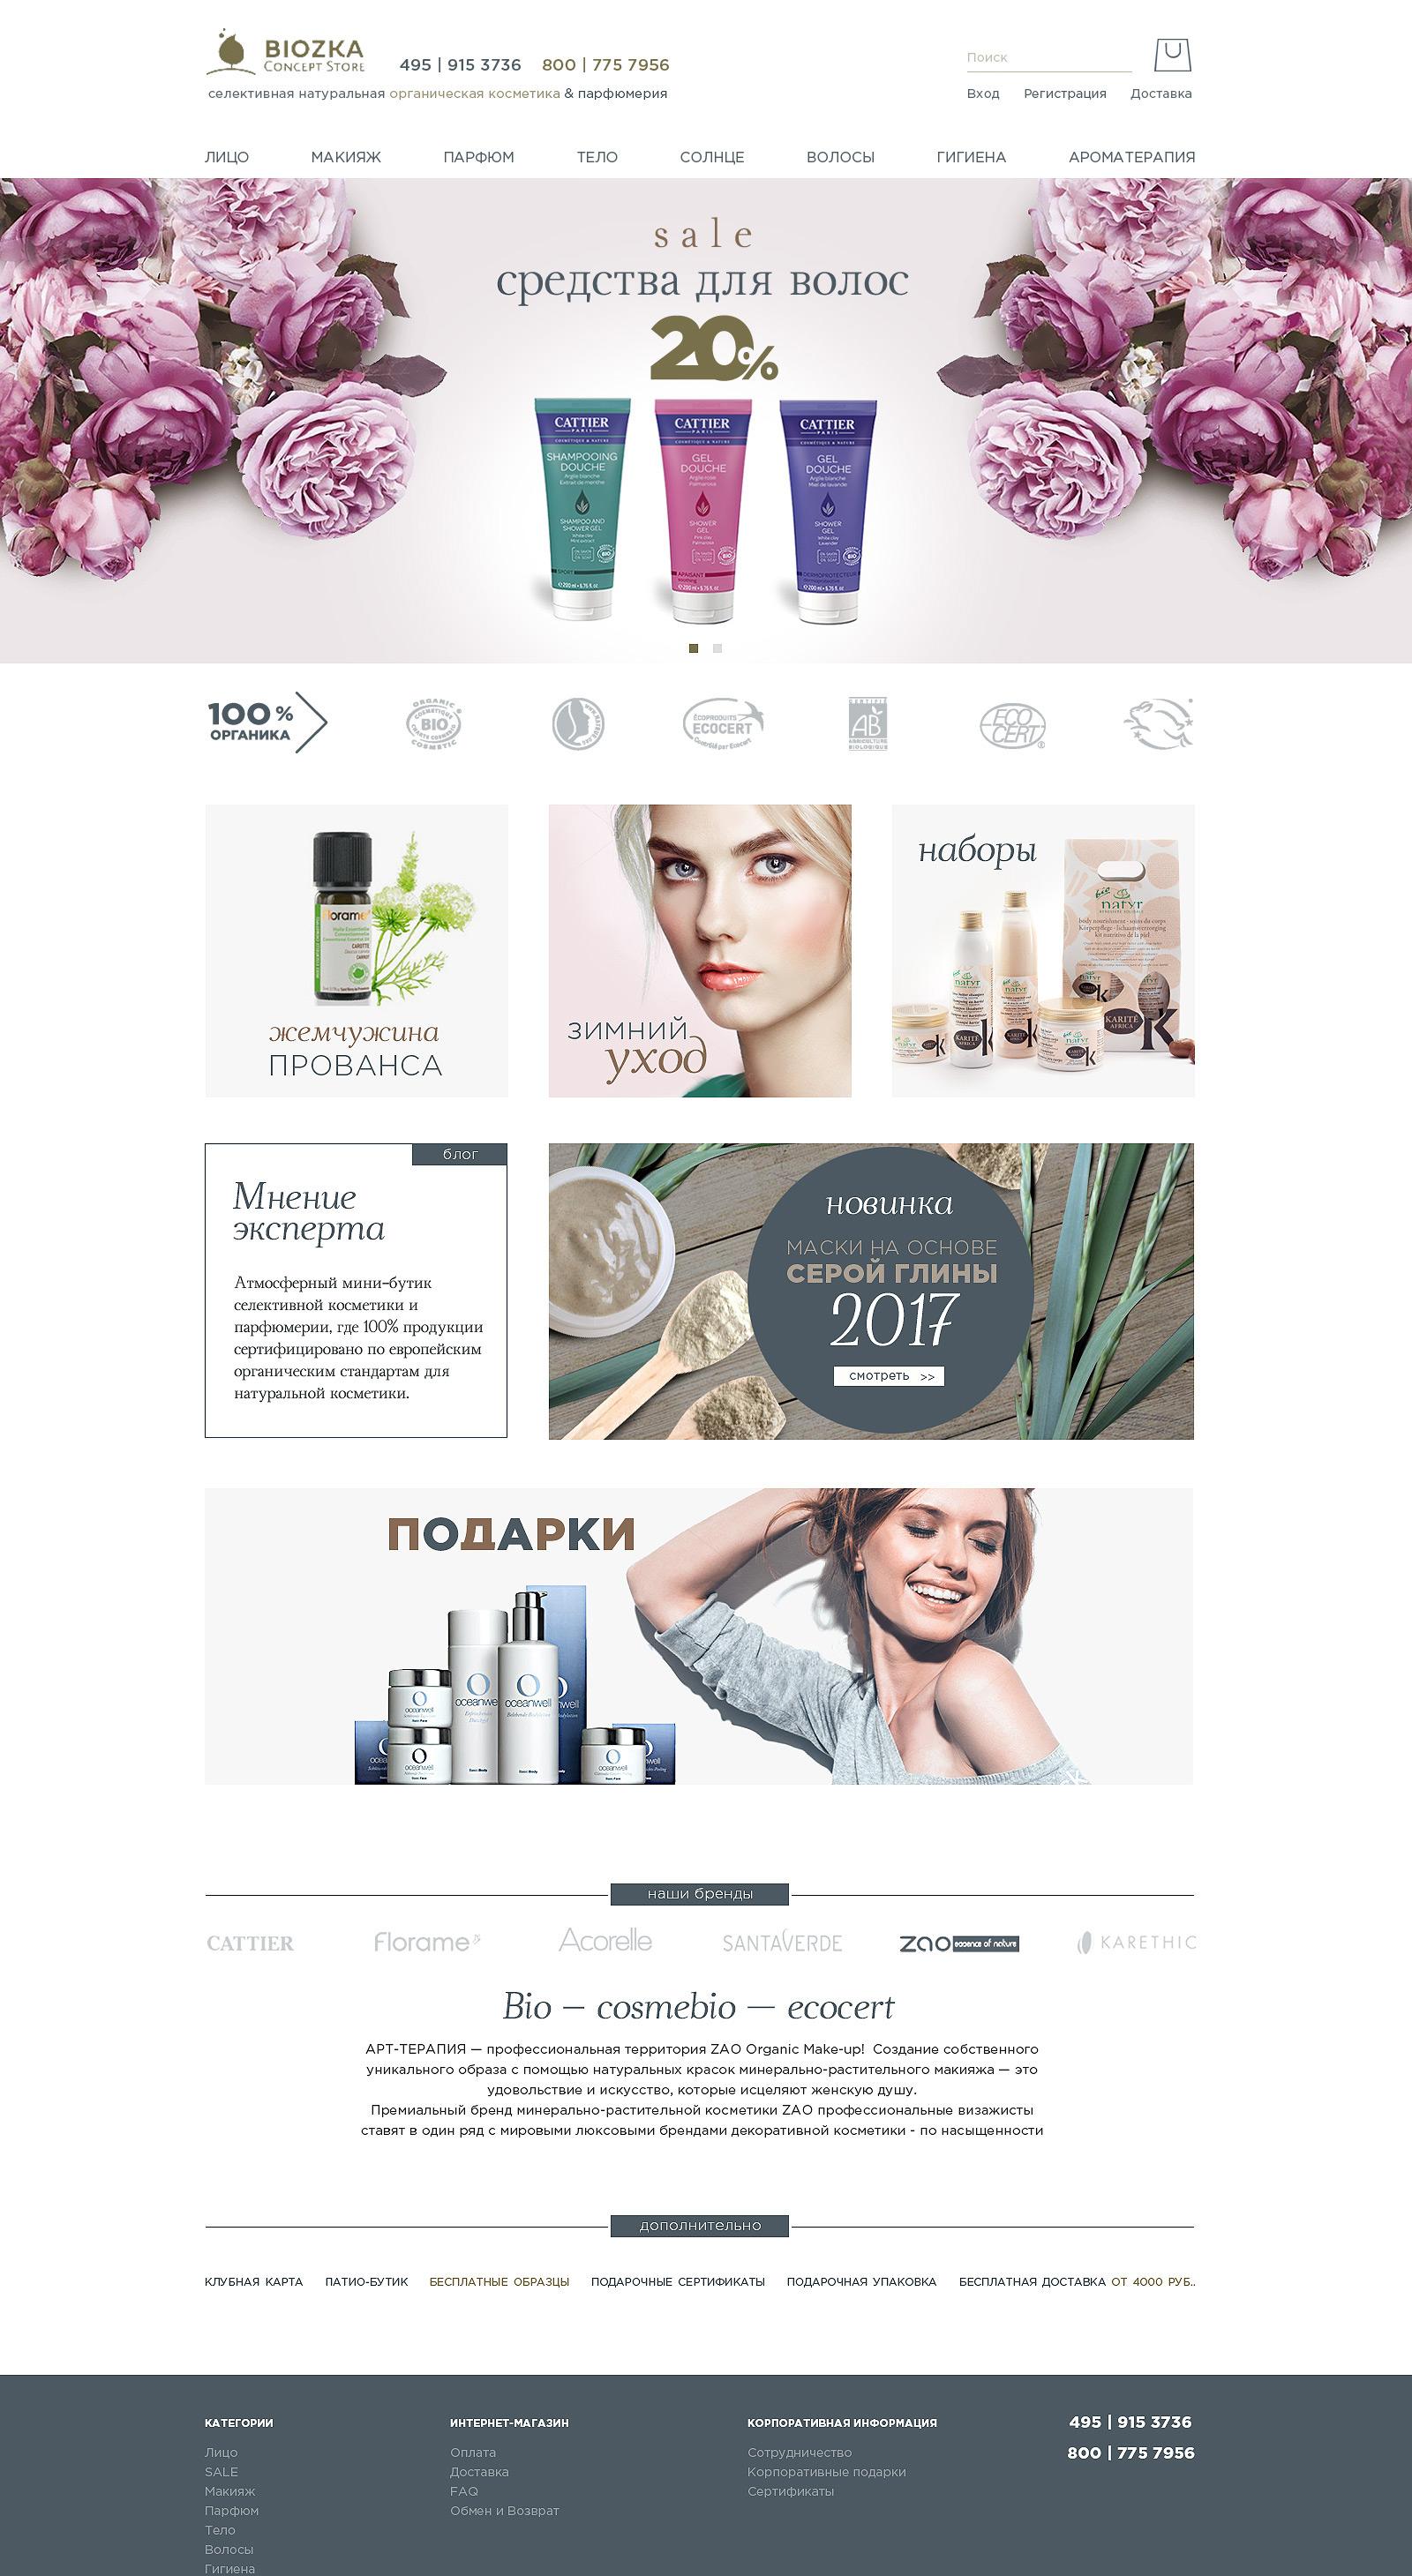 Дизайнер или графический художник для создания дизайна сайта фото f_03158750cdbc7a87.jpg